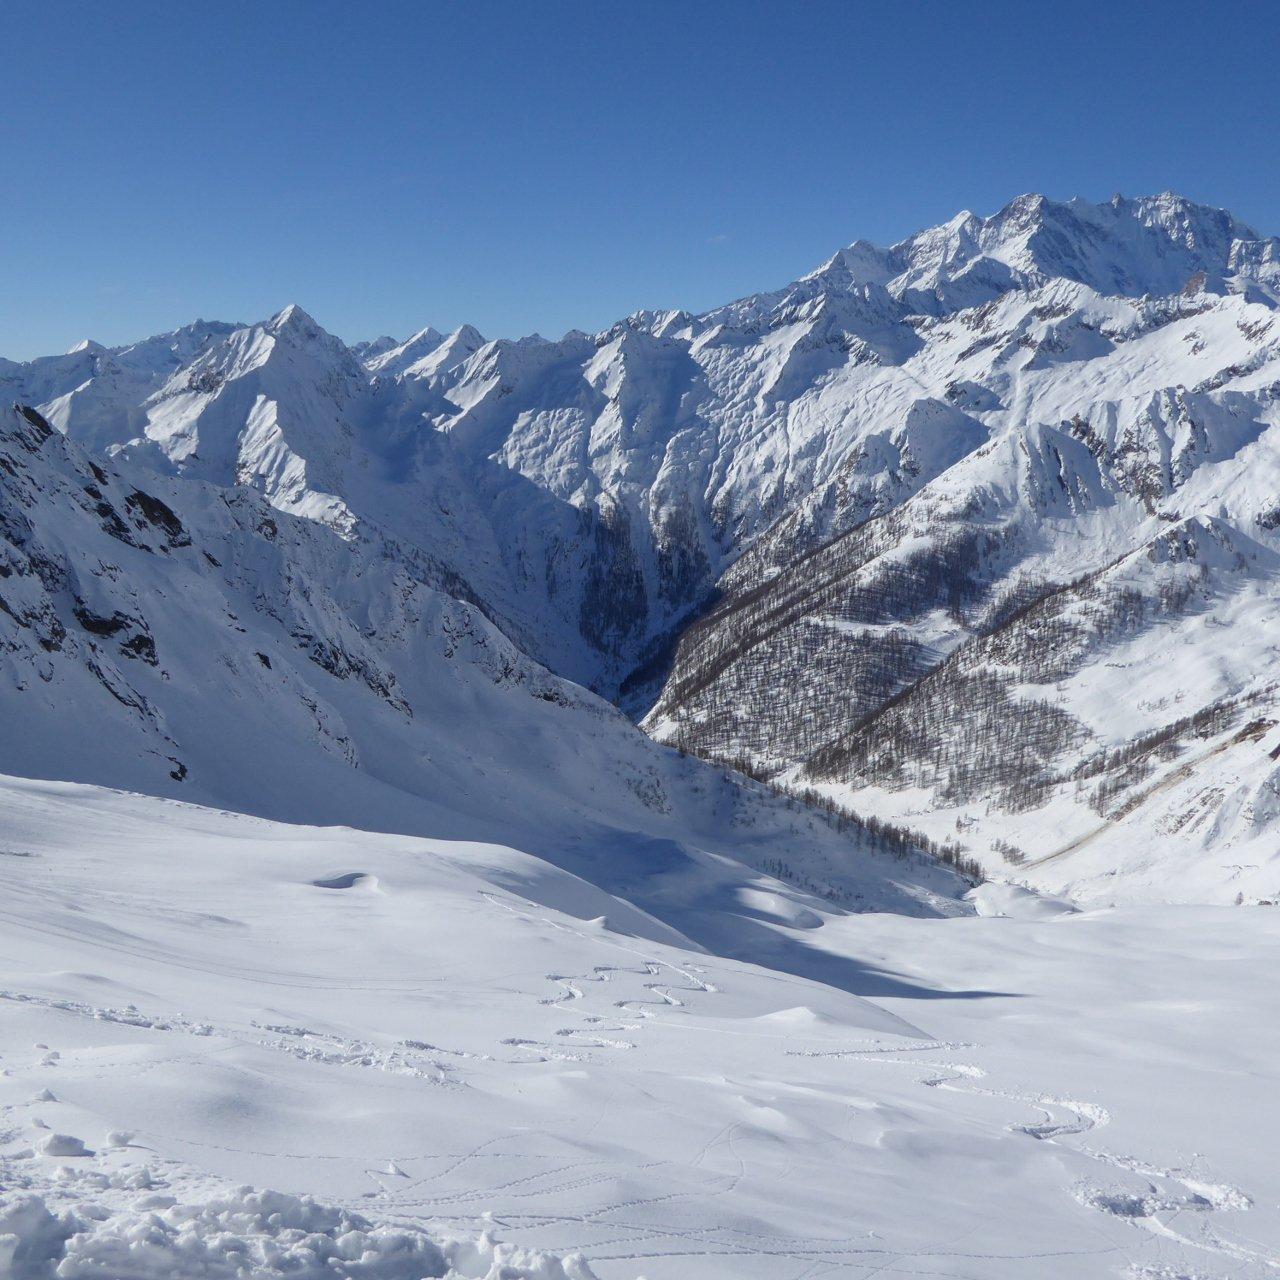 bella neve e bel panorama dalla bocchetta